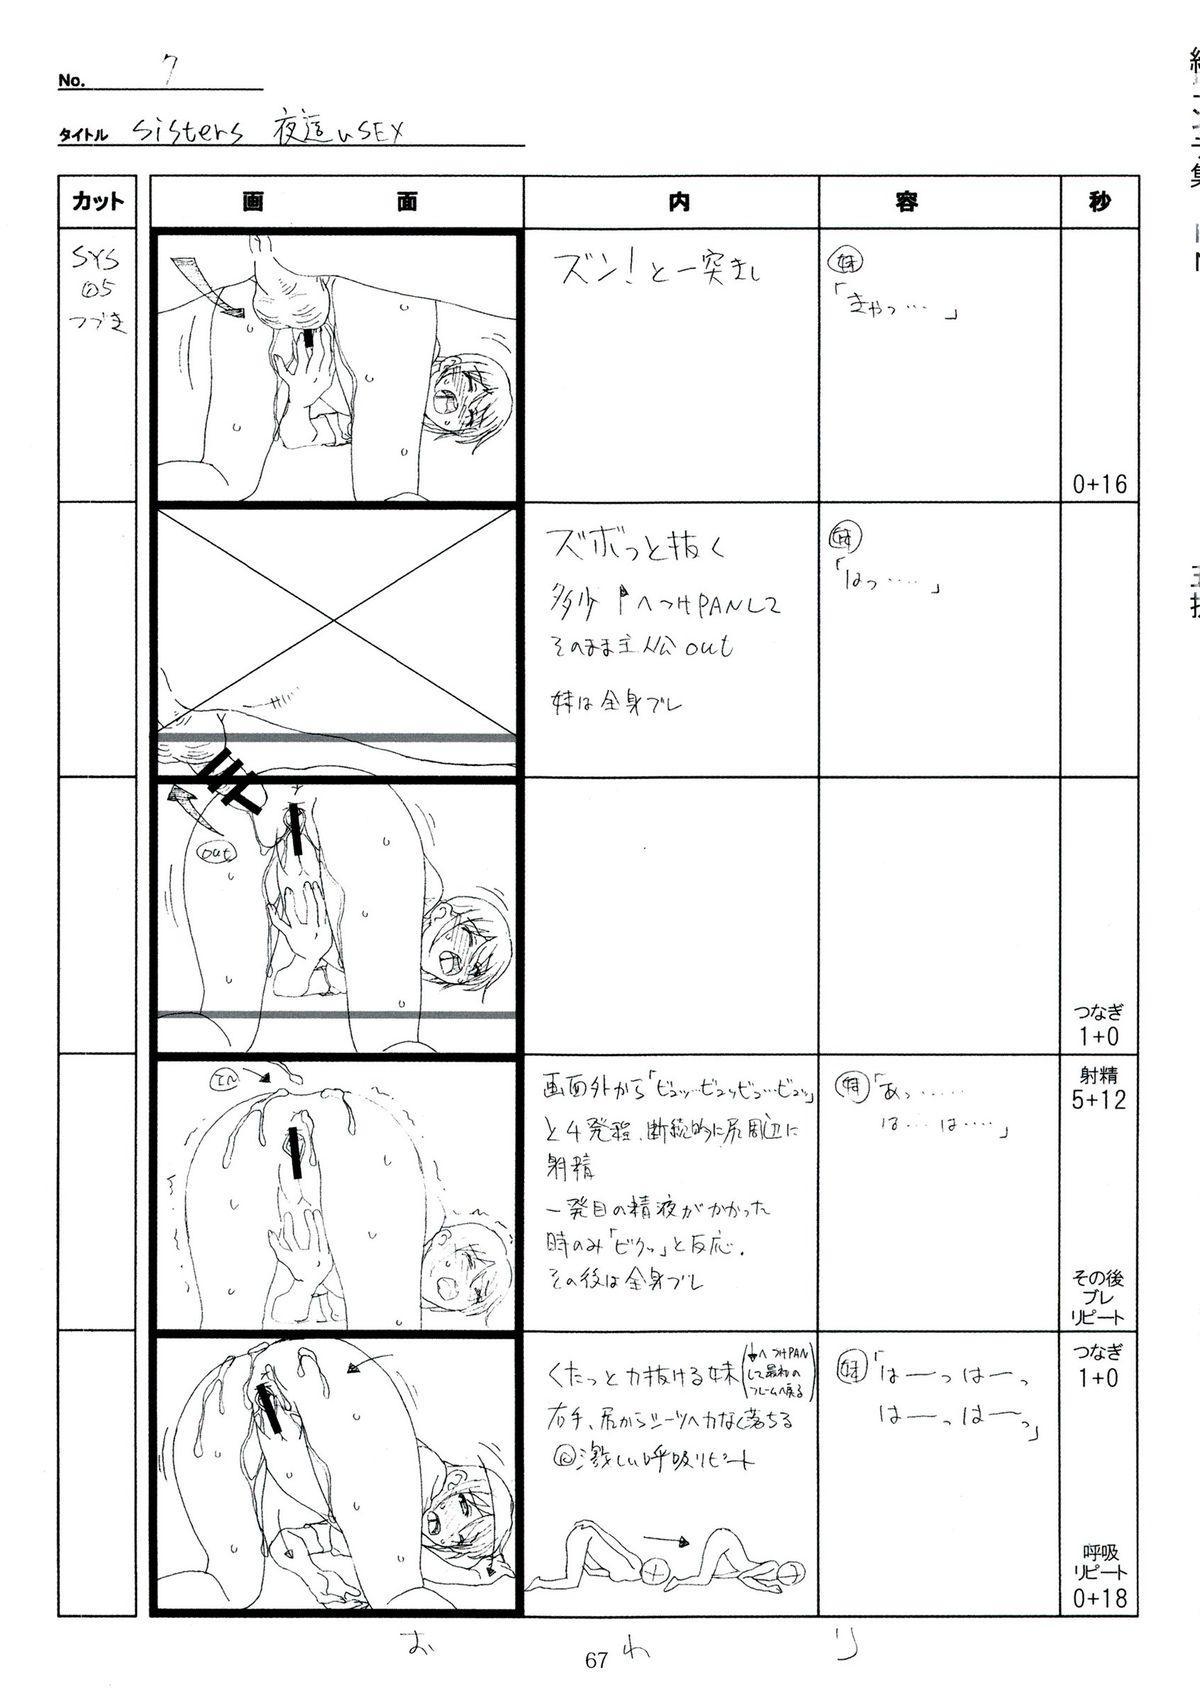 (C89) [Makino Jimusho (Taki Minashika)] SISTERS -Natsu no Saigo no Hi- H Scene All Part Storyboard (SISTERS -Natsu no Saigo no Hi-) 66